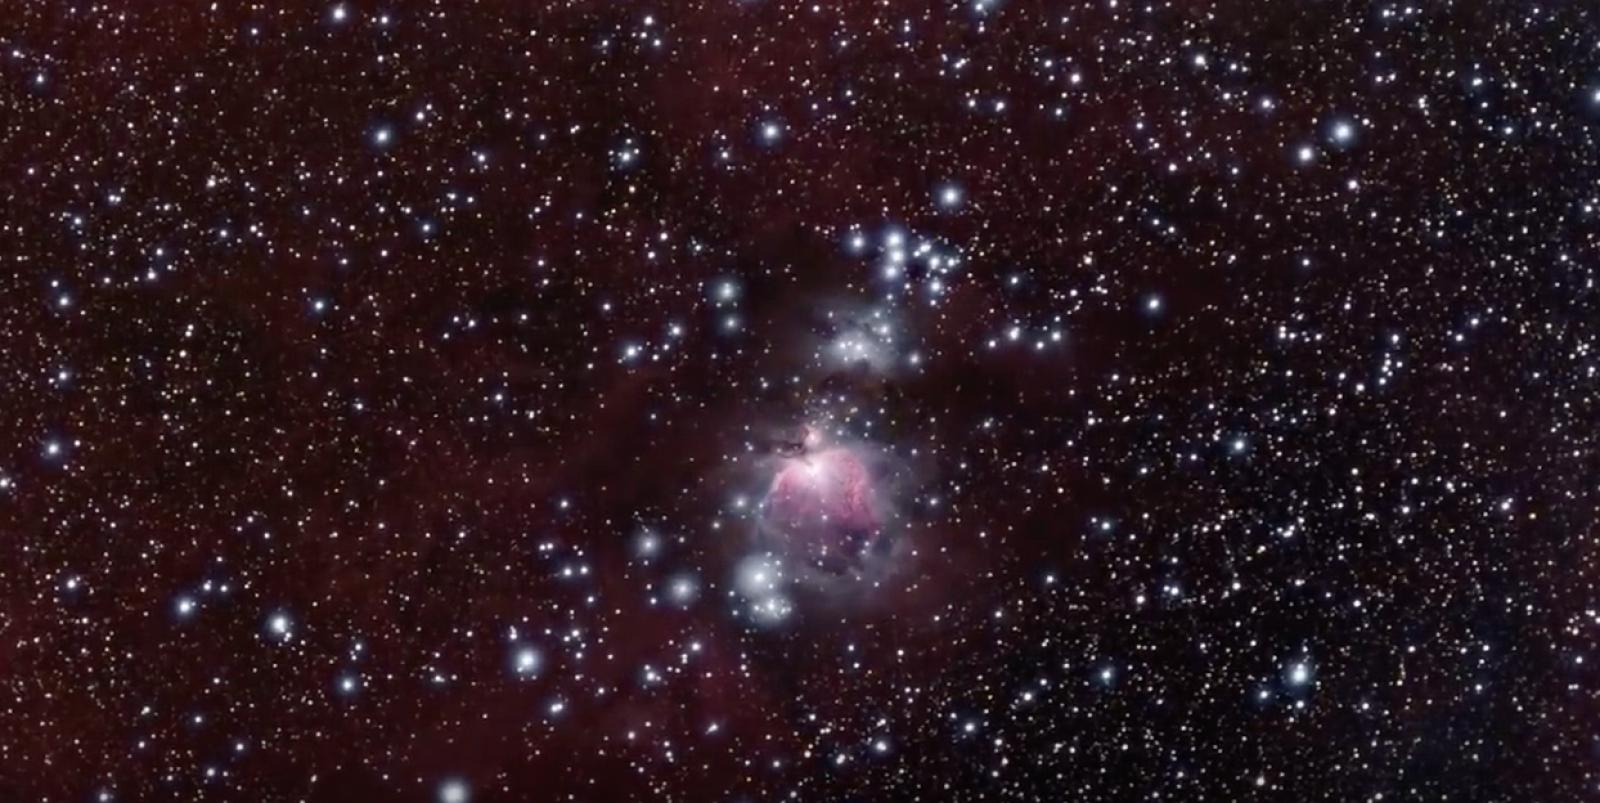 """(video) NASA a publicat imagini video care surprind """"zborul"""" prin Nebuloasa Orion, aflată la o depărtare de 1344 ani lumină"""